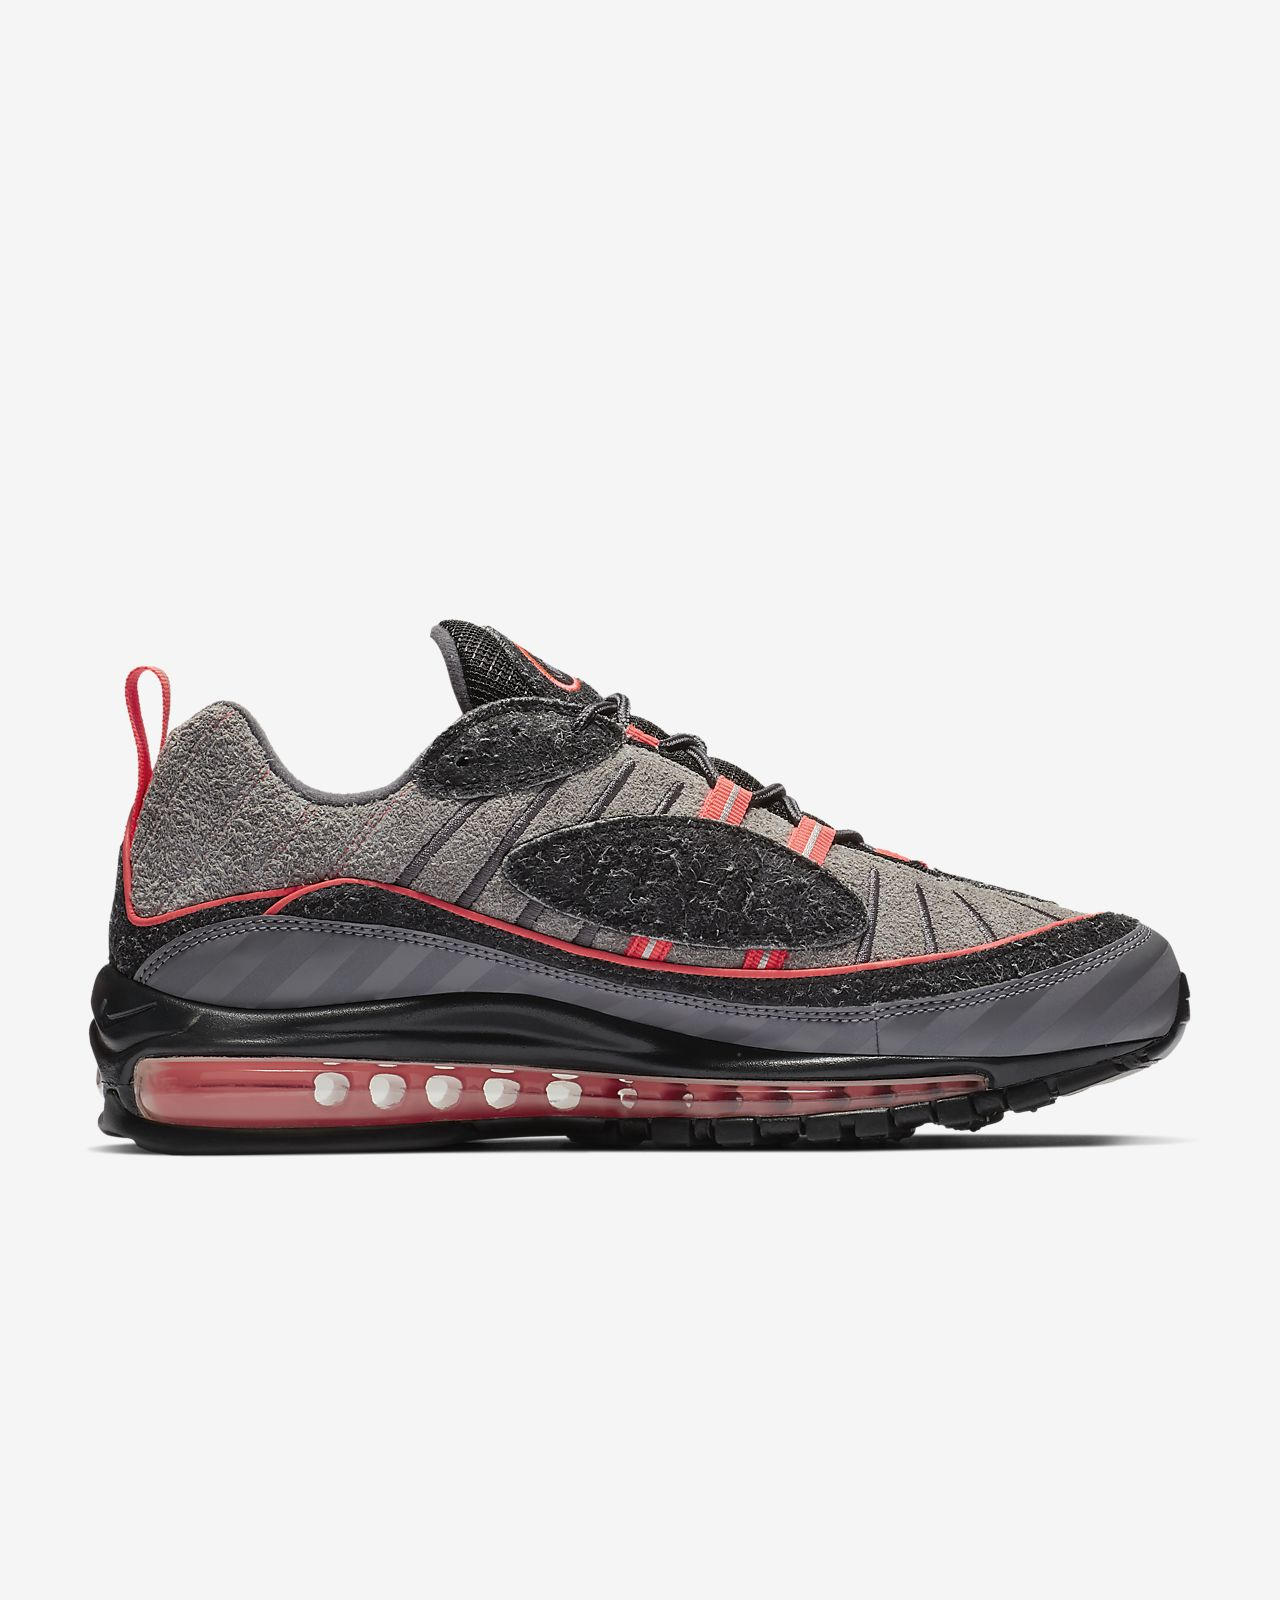 premium selection 7ee17 4ba4c ... Nike Air Max 98 Men s Shoe